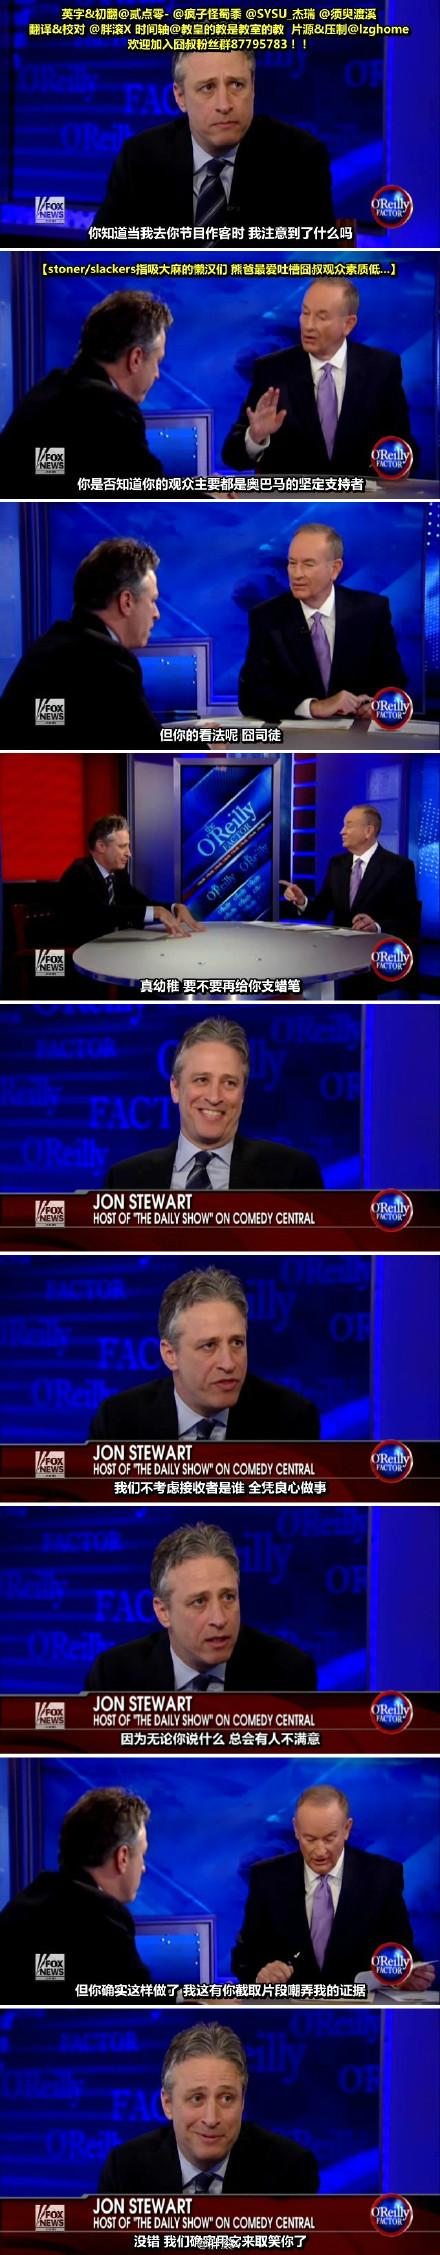 囧叔(Jon Stewart)VS熊爸(The O'Reilly Factor)【囧叔只身闯熊巢 卖萌雄辩两不误】